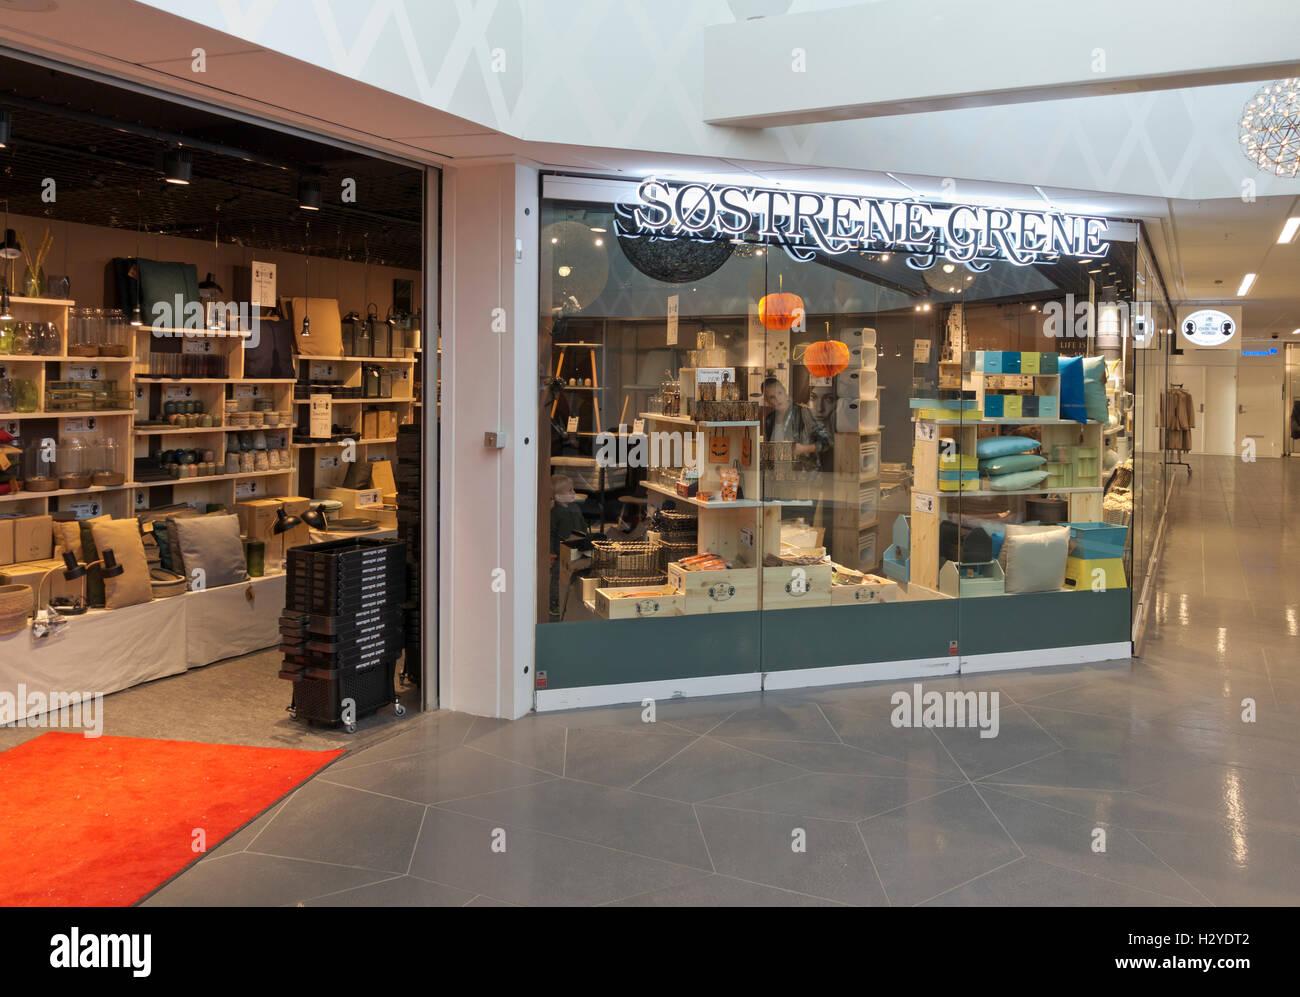 Søstrene Grene Shop In A Shopping Mall In Denmark Stock Photo